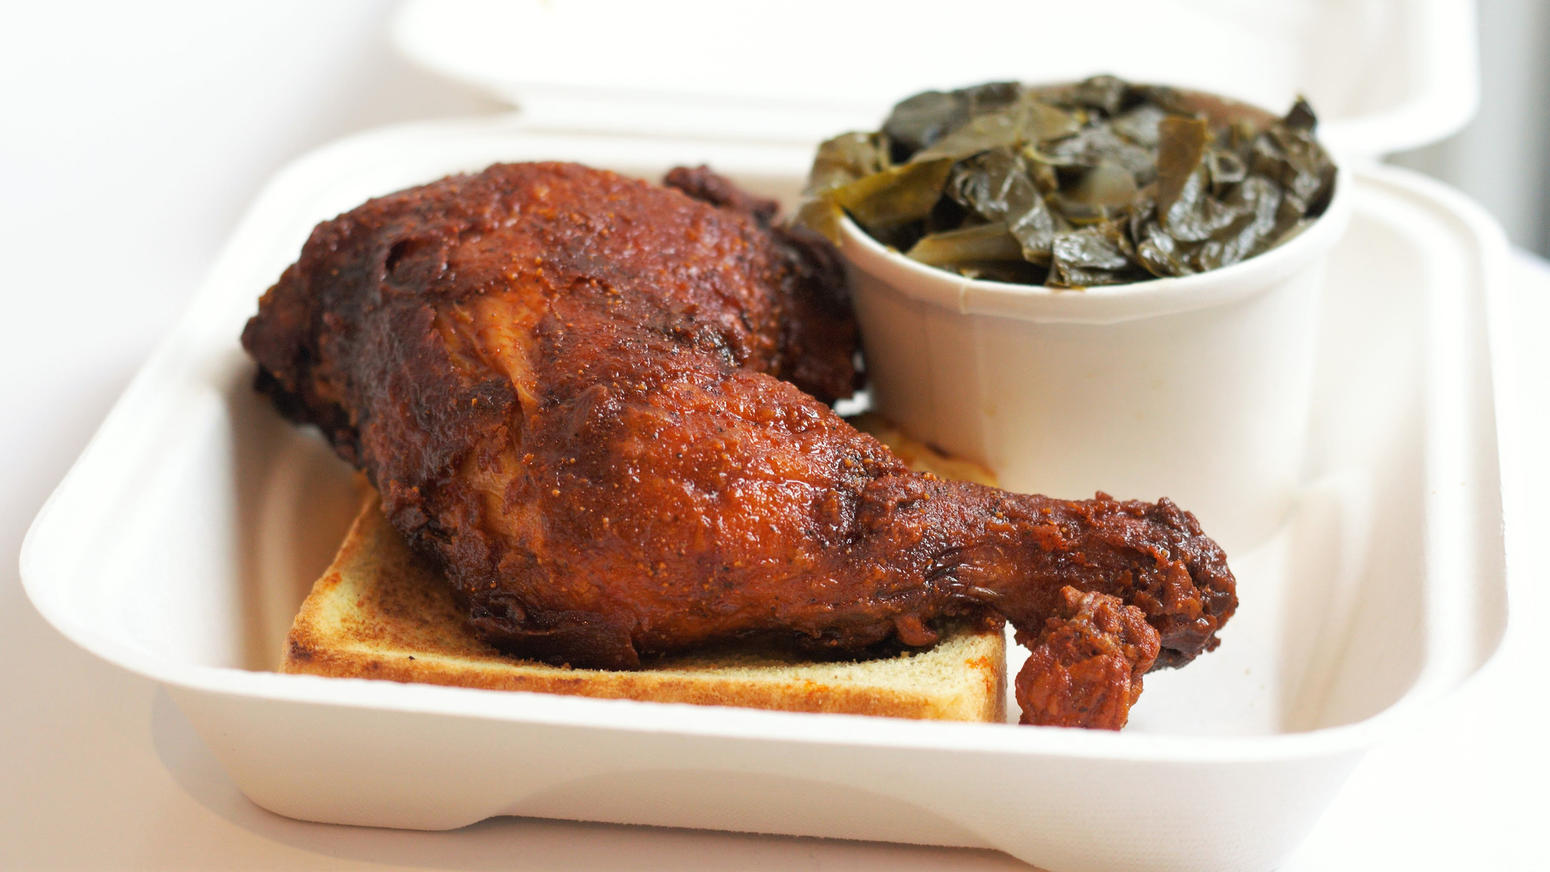 The Budlong Hot Chicken